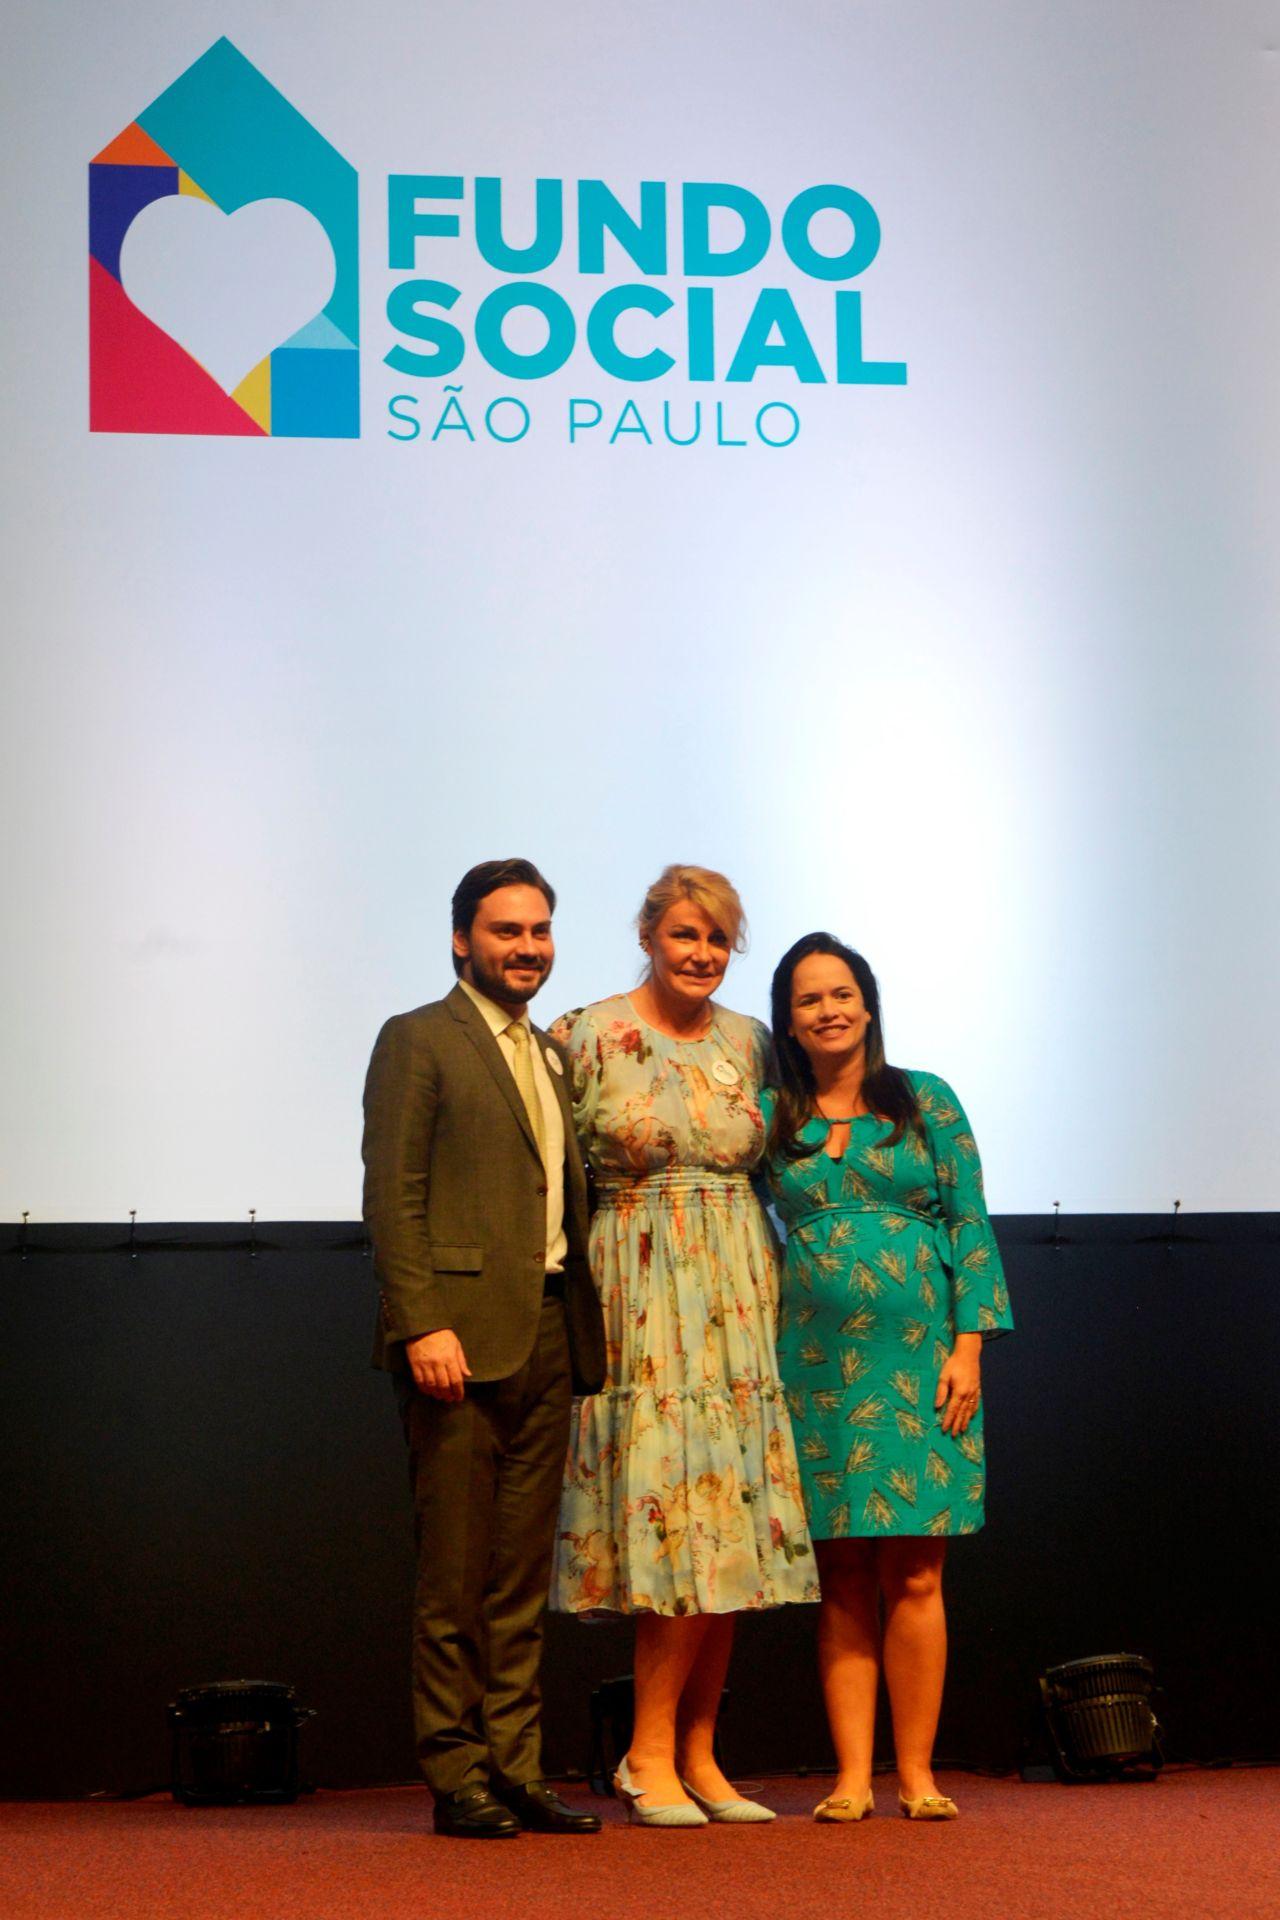 Filipe Sabará, Bia Dória e Vanessa Machado posam para foto